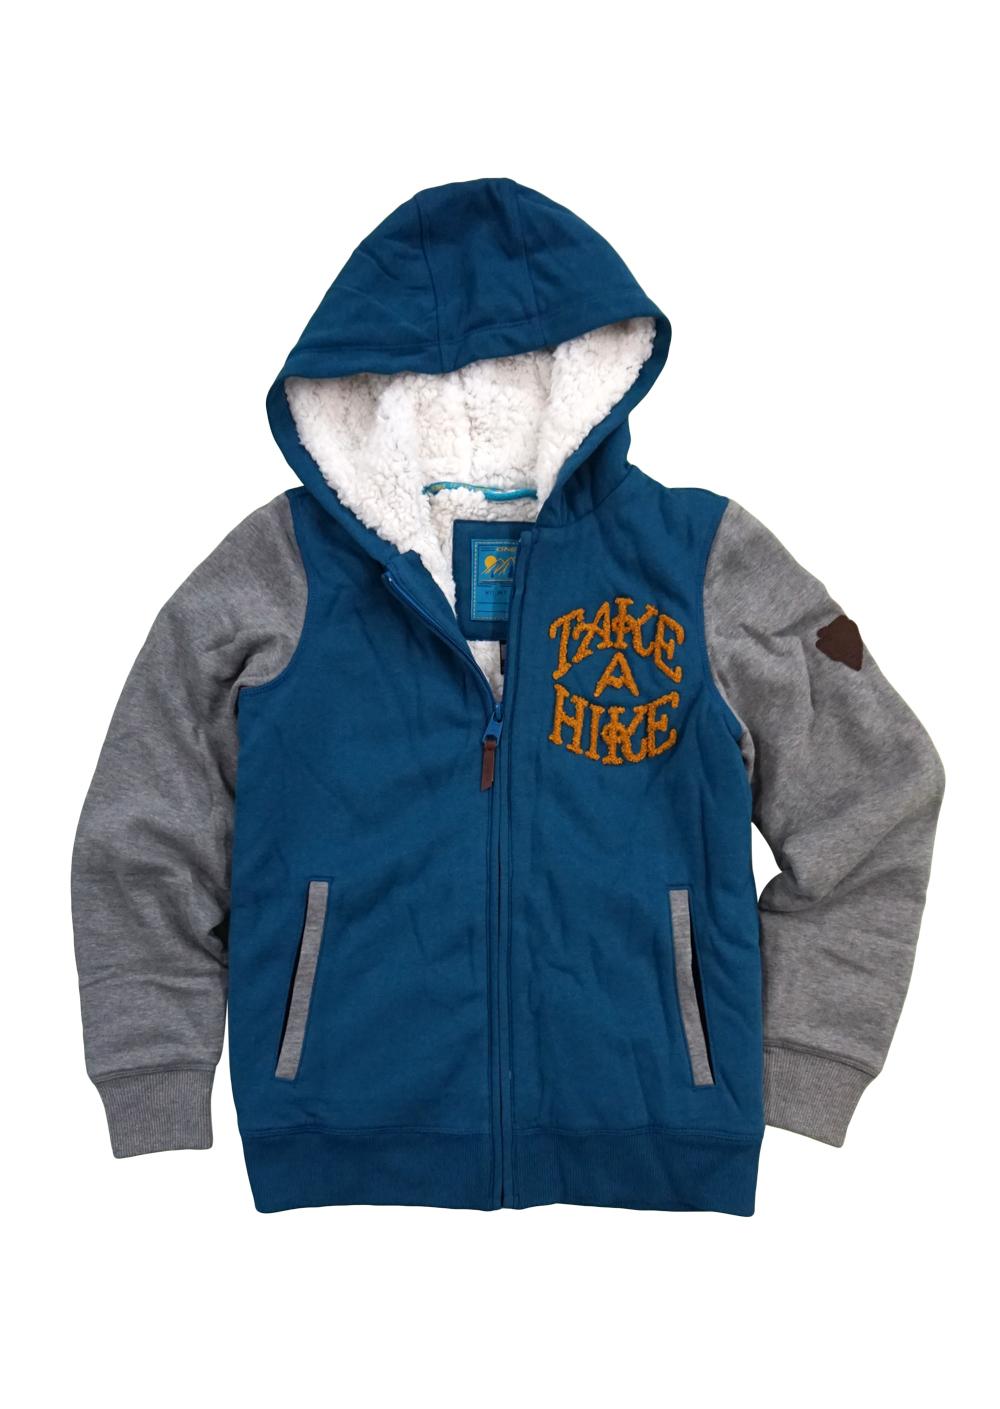 dafbcdde7 Boys-Jacket 17